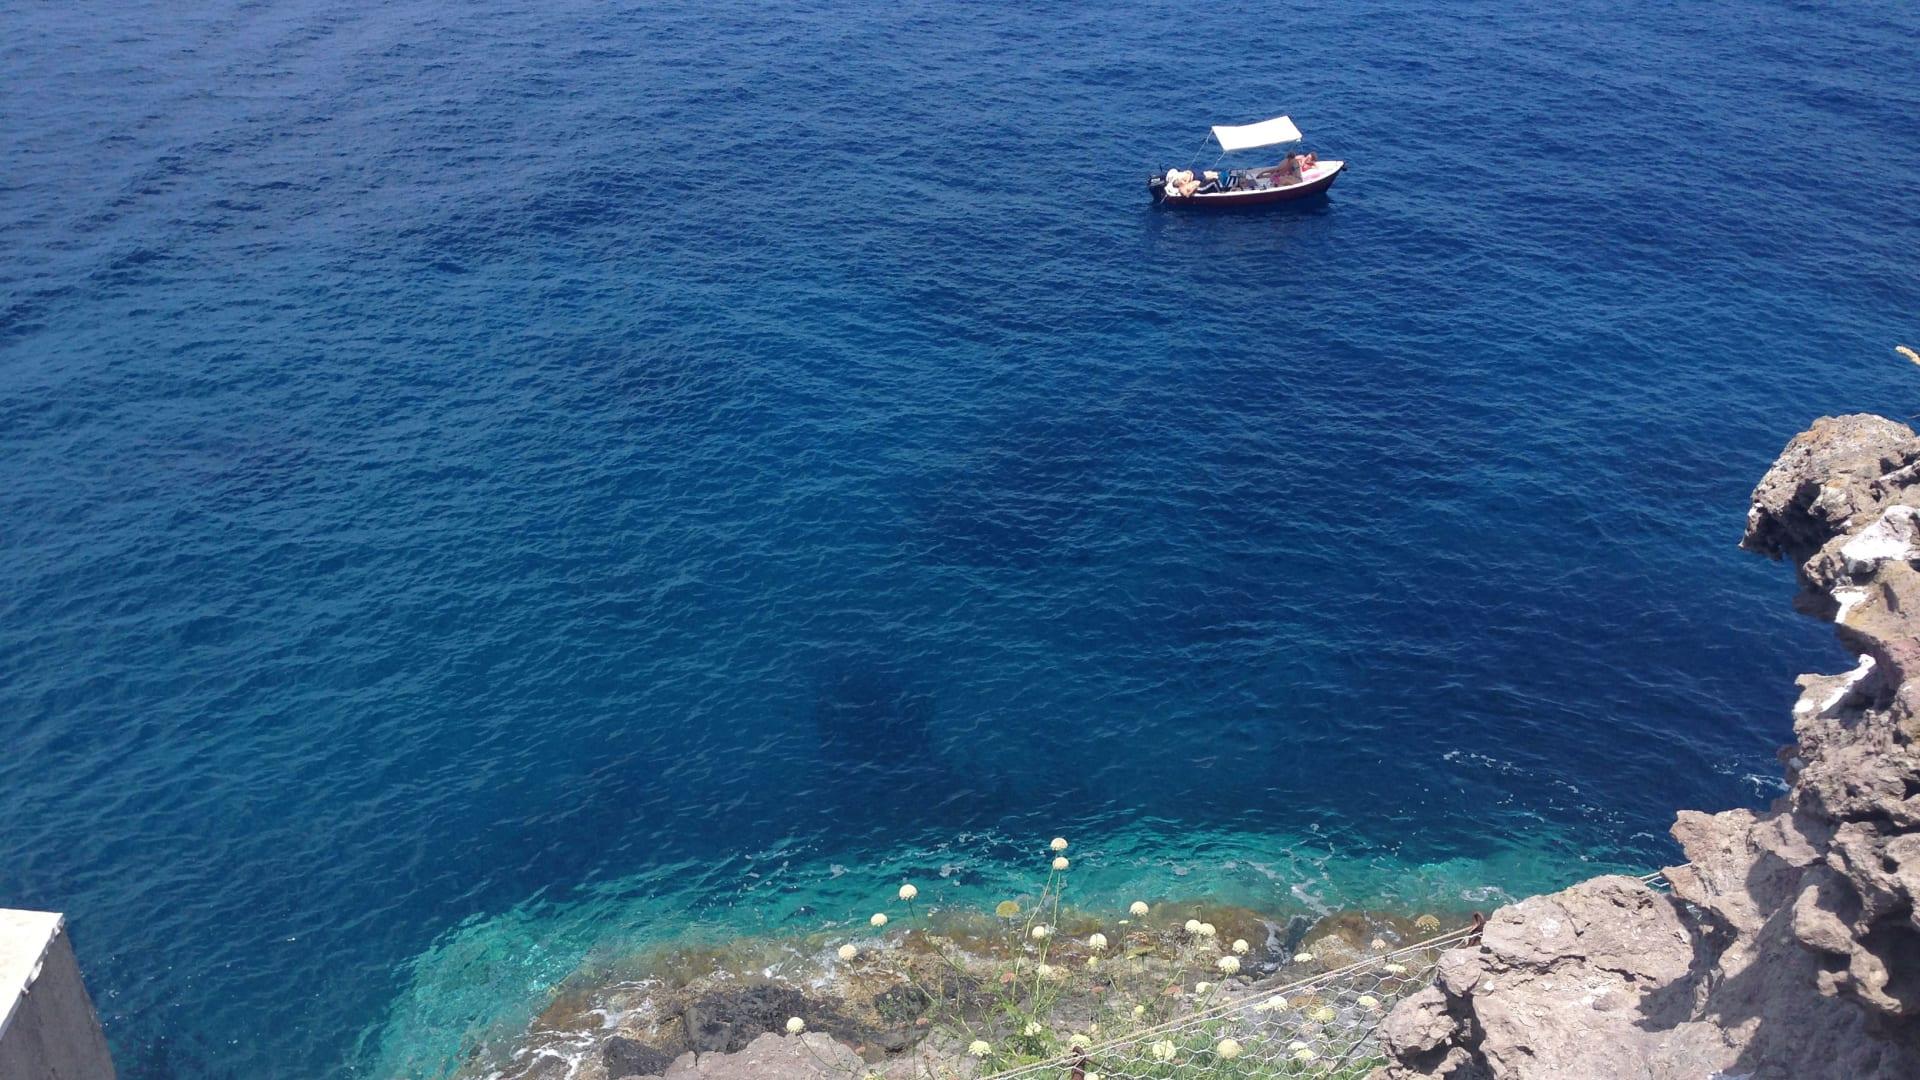 تاريخ حزين..إيطاليا تخطط لإعادة إحياء جزيرة استخدمت كسجن للمجرمين